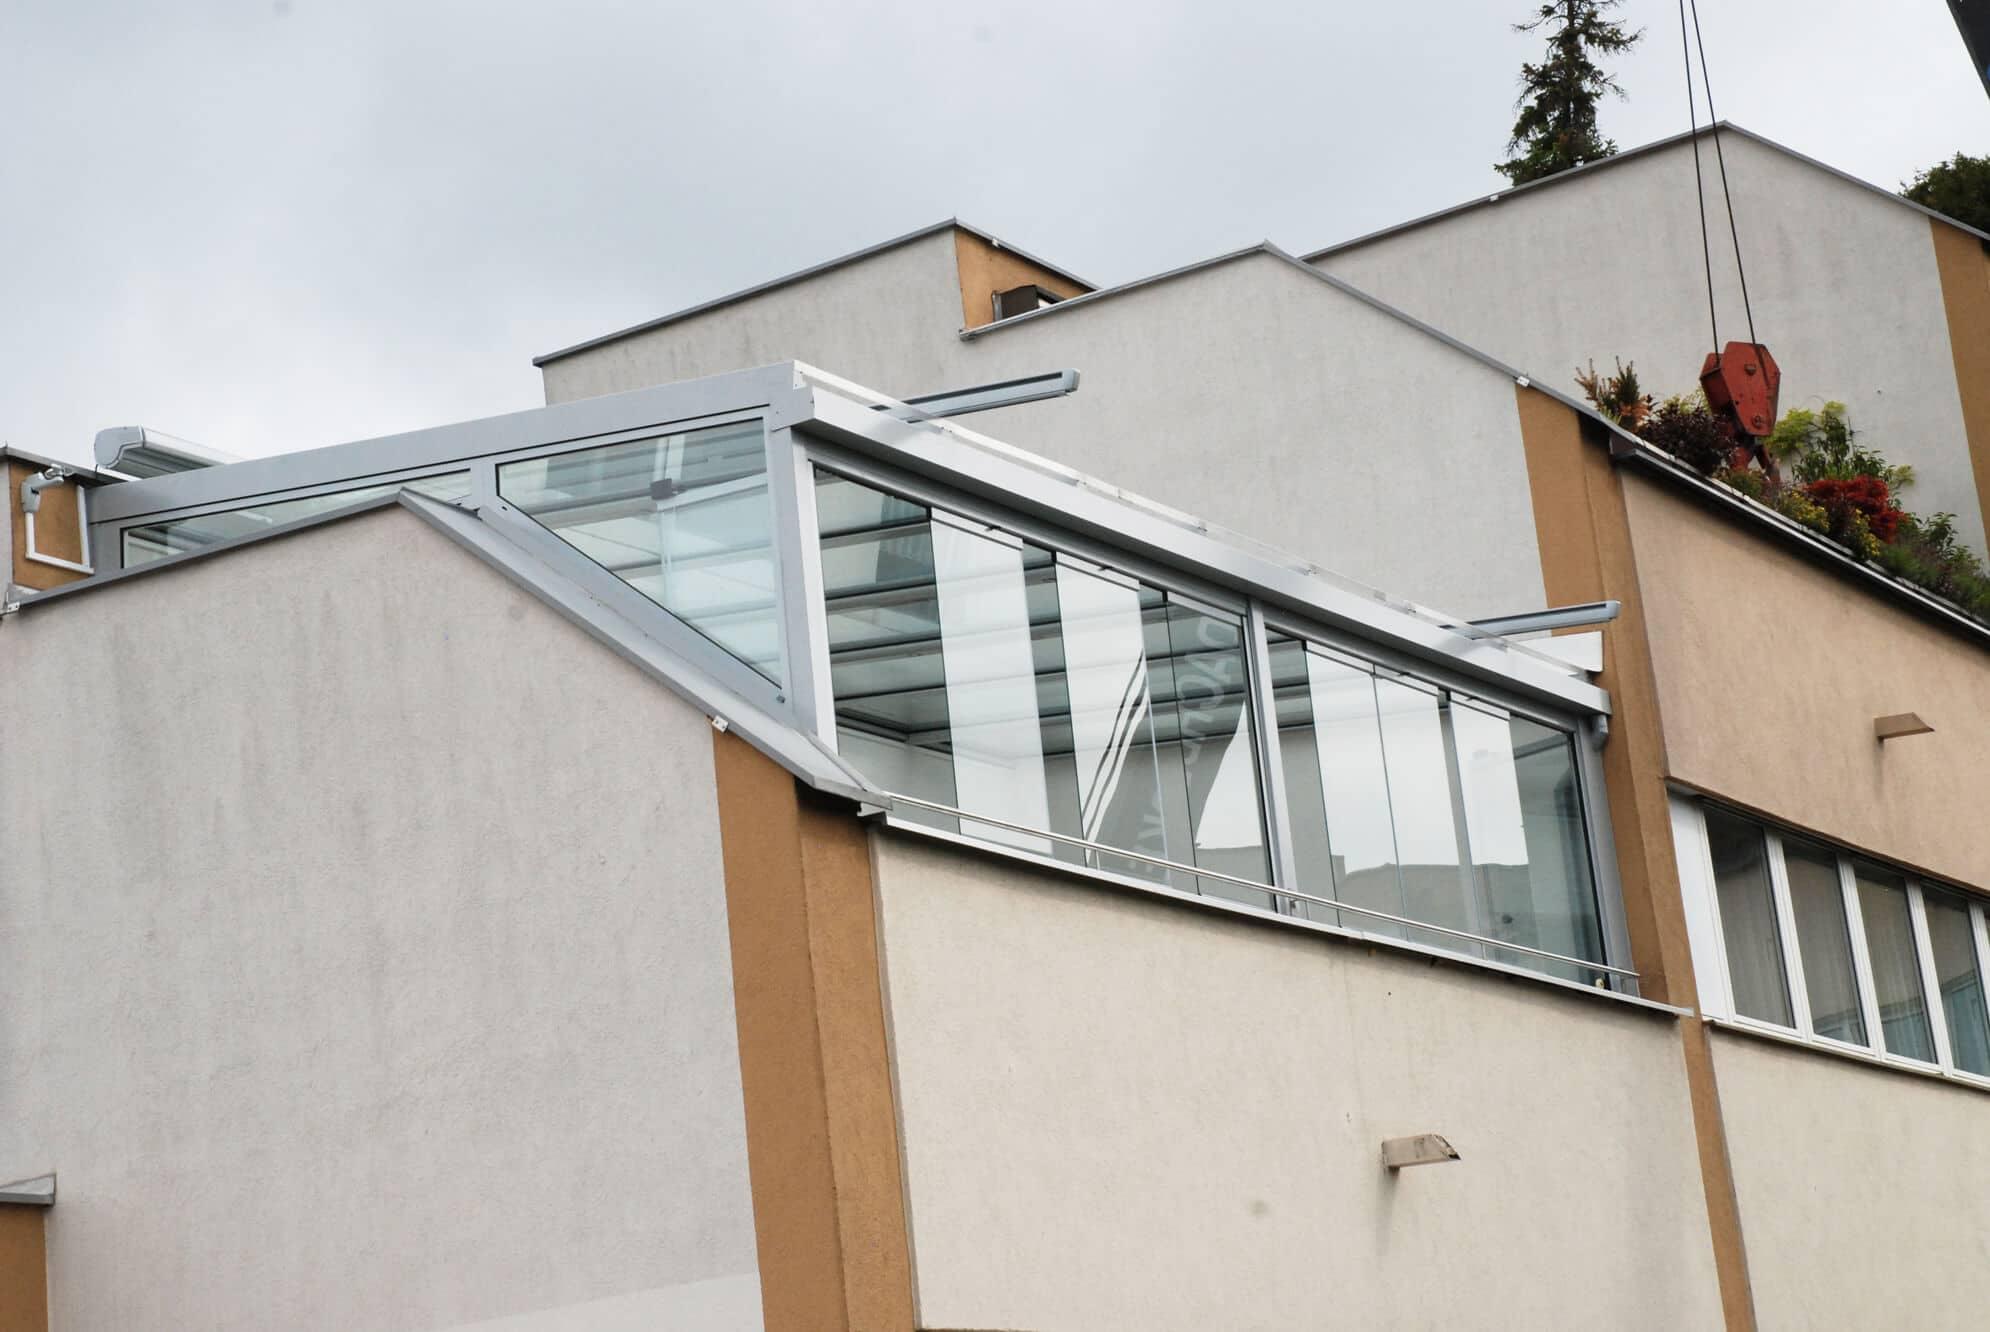 Wintergarten Schiebe-Dreh-Systeme zum Falten